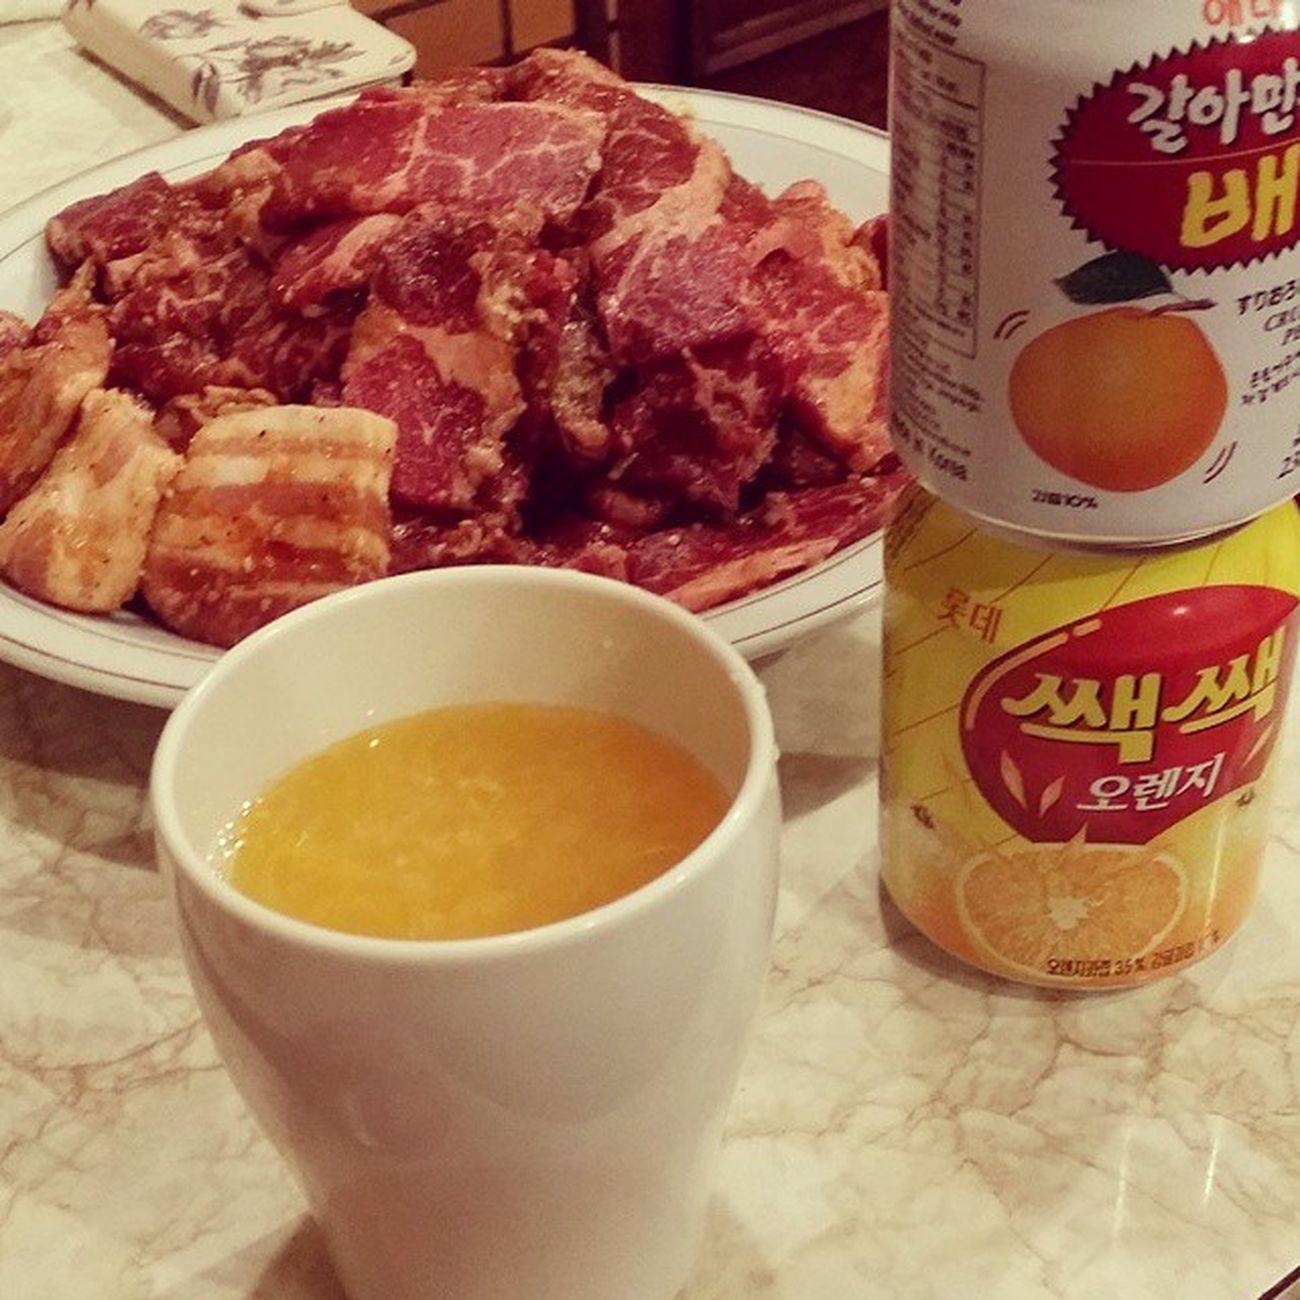 バレンタインデー だけど 焼肉 パーティー🐰💓🙌 まかない カルビ 쌕쌕 배 Korean Food What's For Dinner? Enjoying A Meal